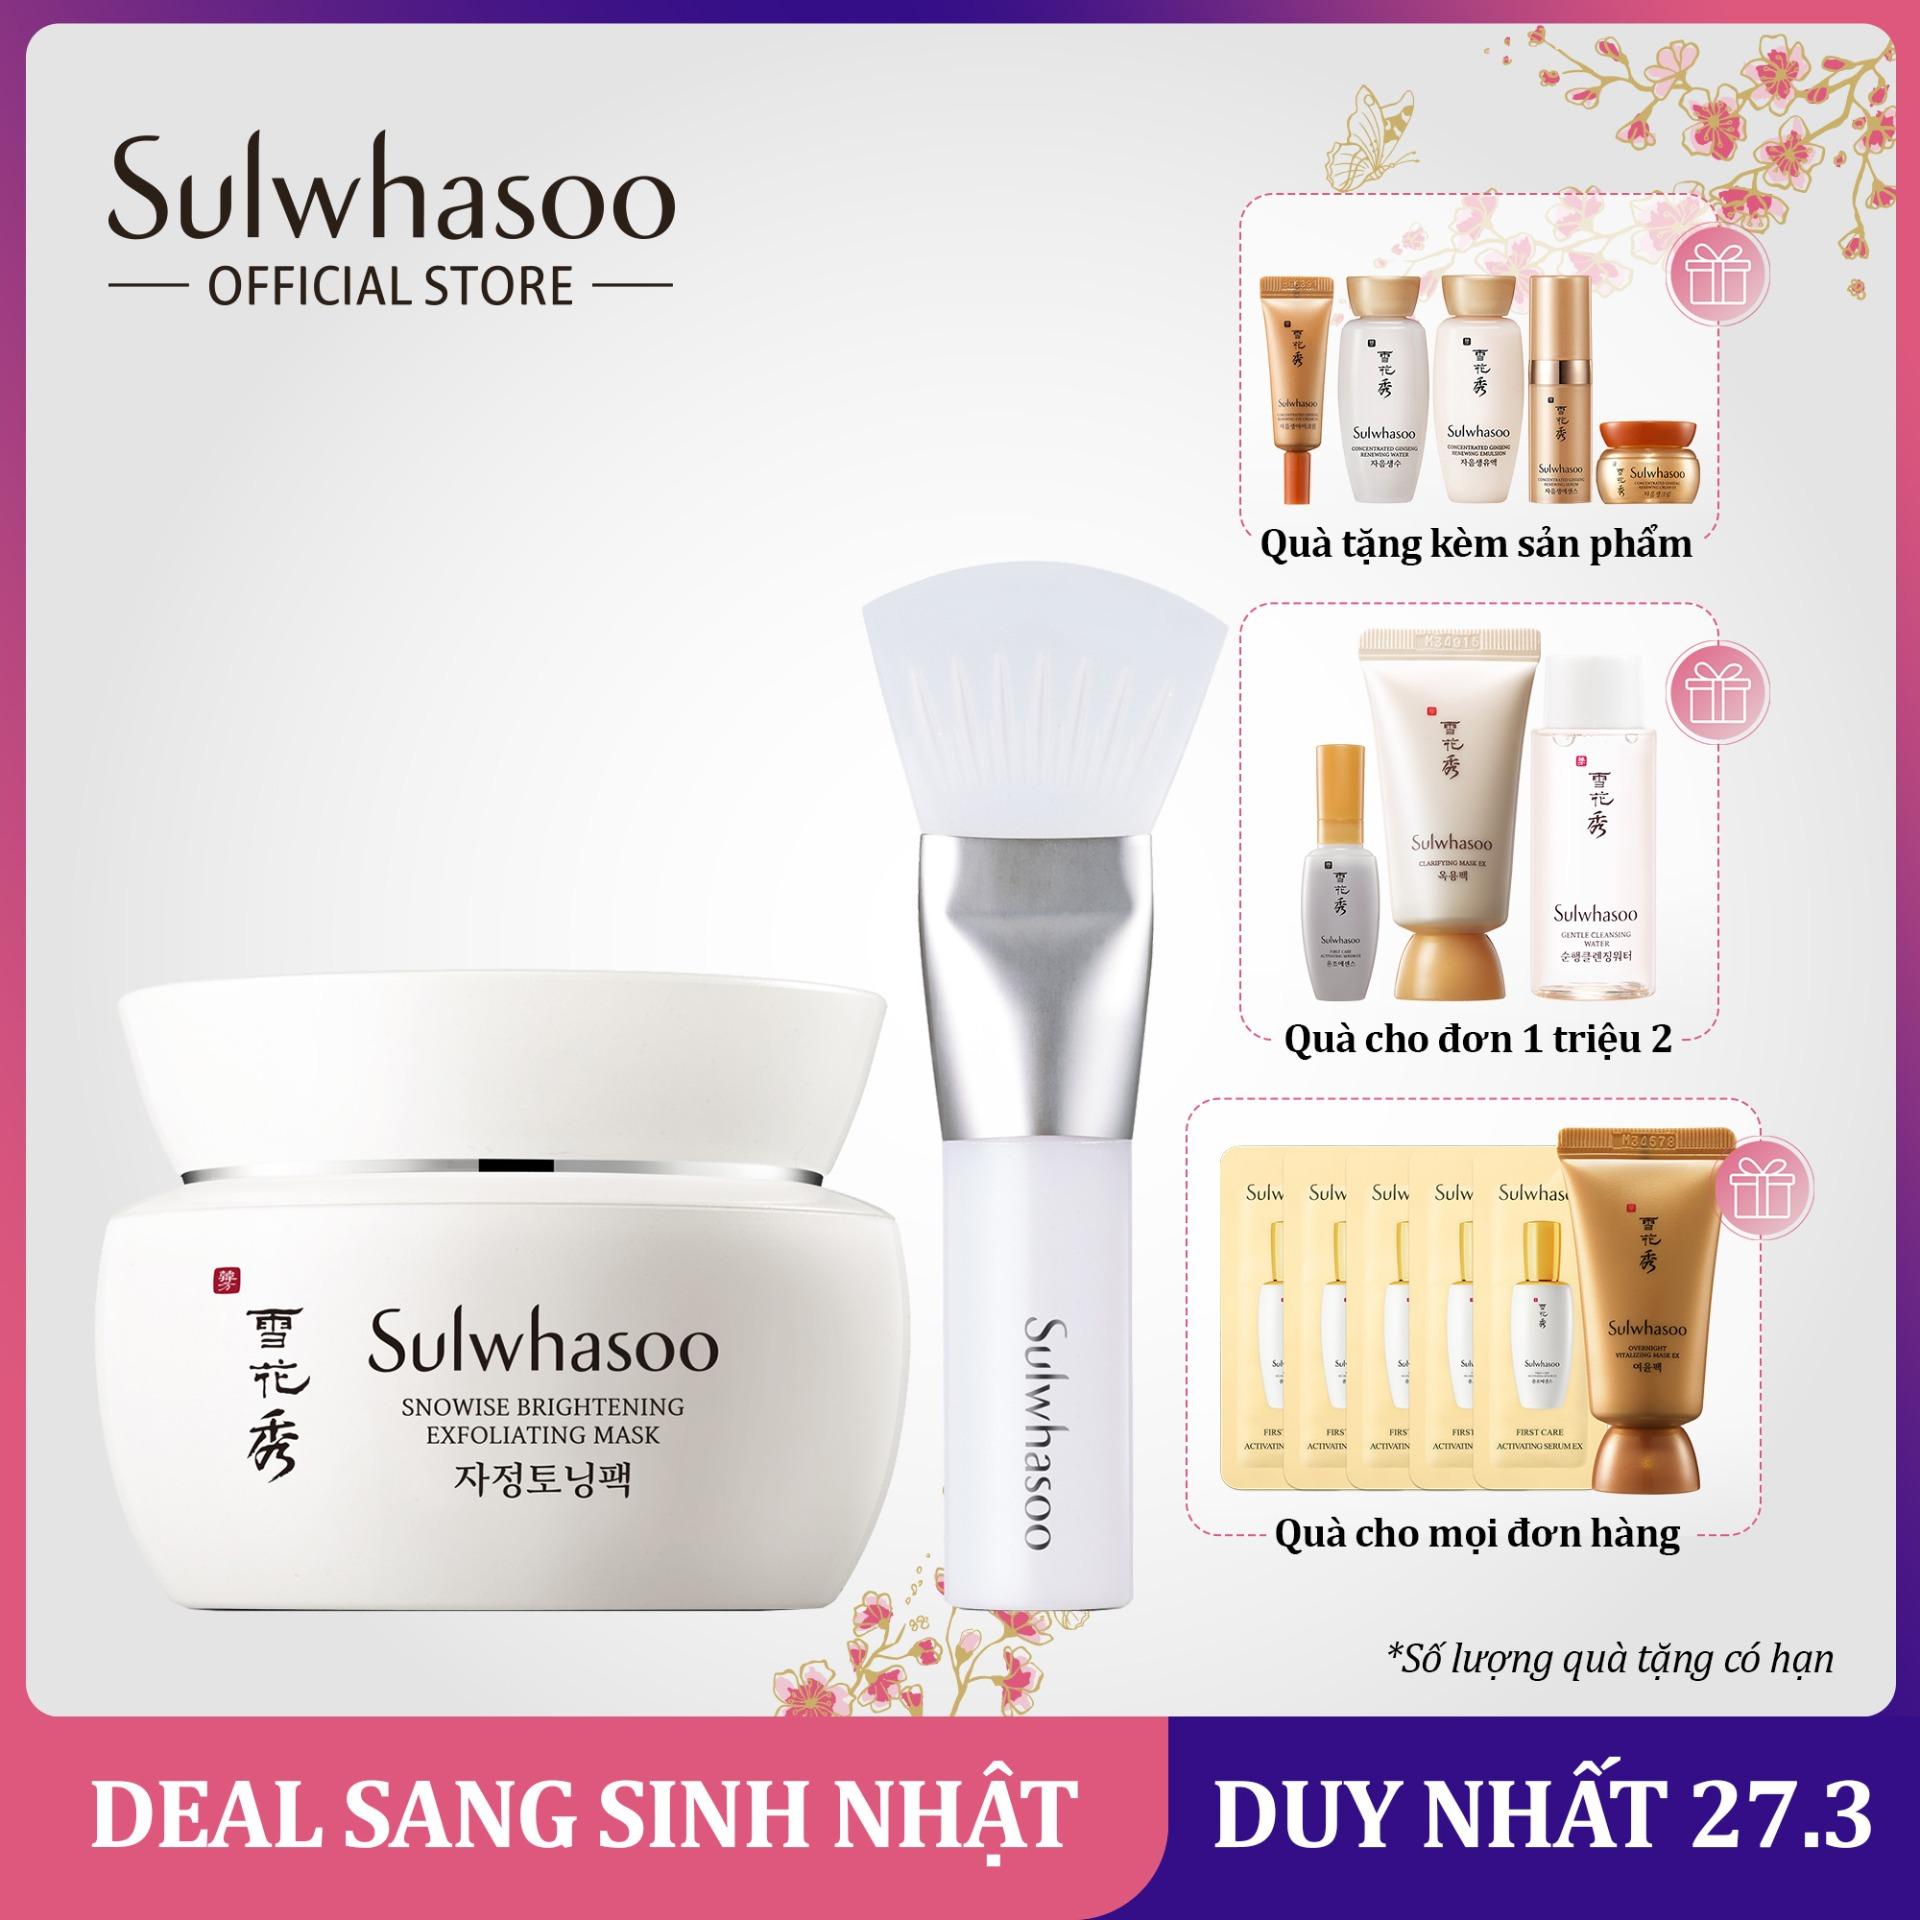 Tẩy tế bào chết kiêm mặt nạ dưỡng trắng Sulwhasoo Snowise Exfoliating Mask 80ml